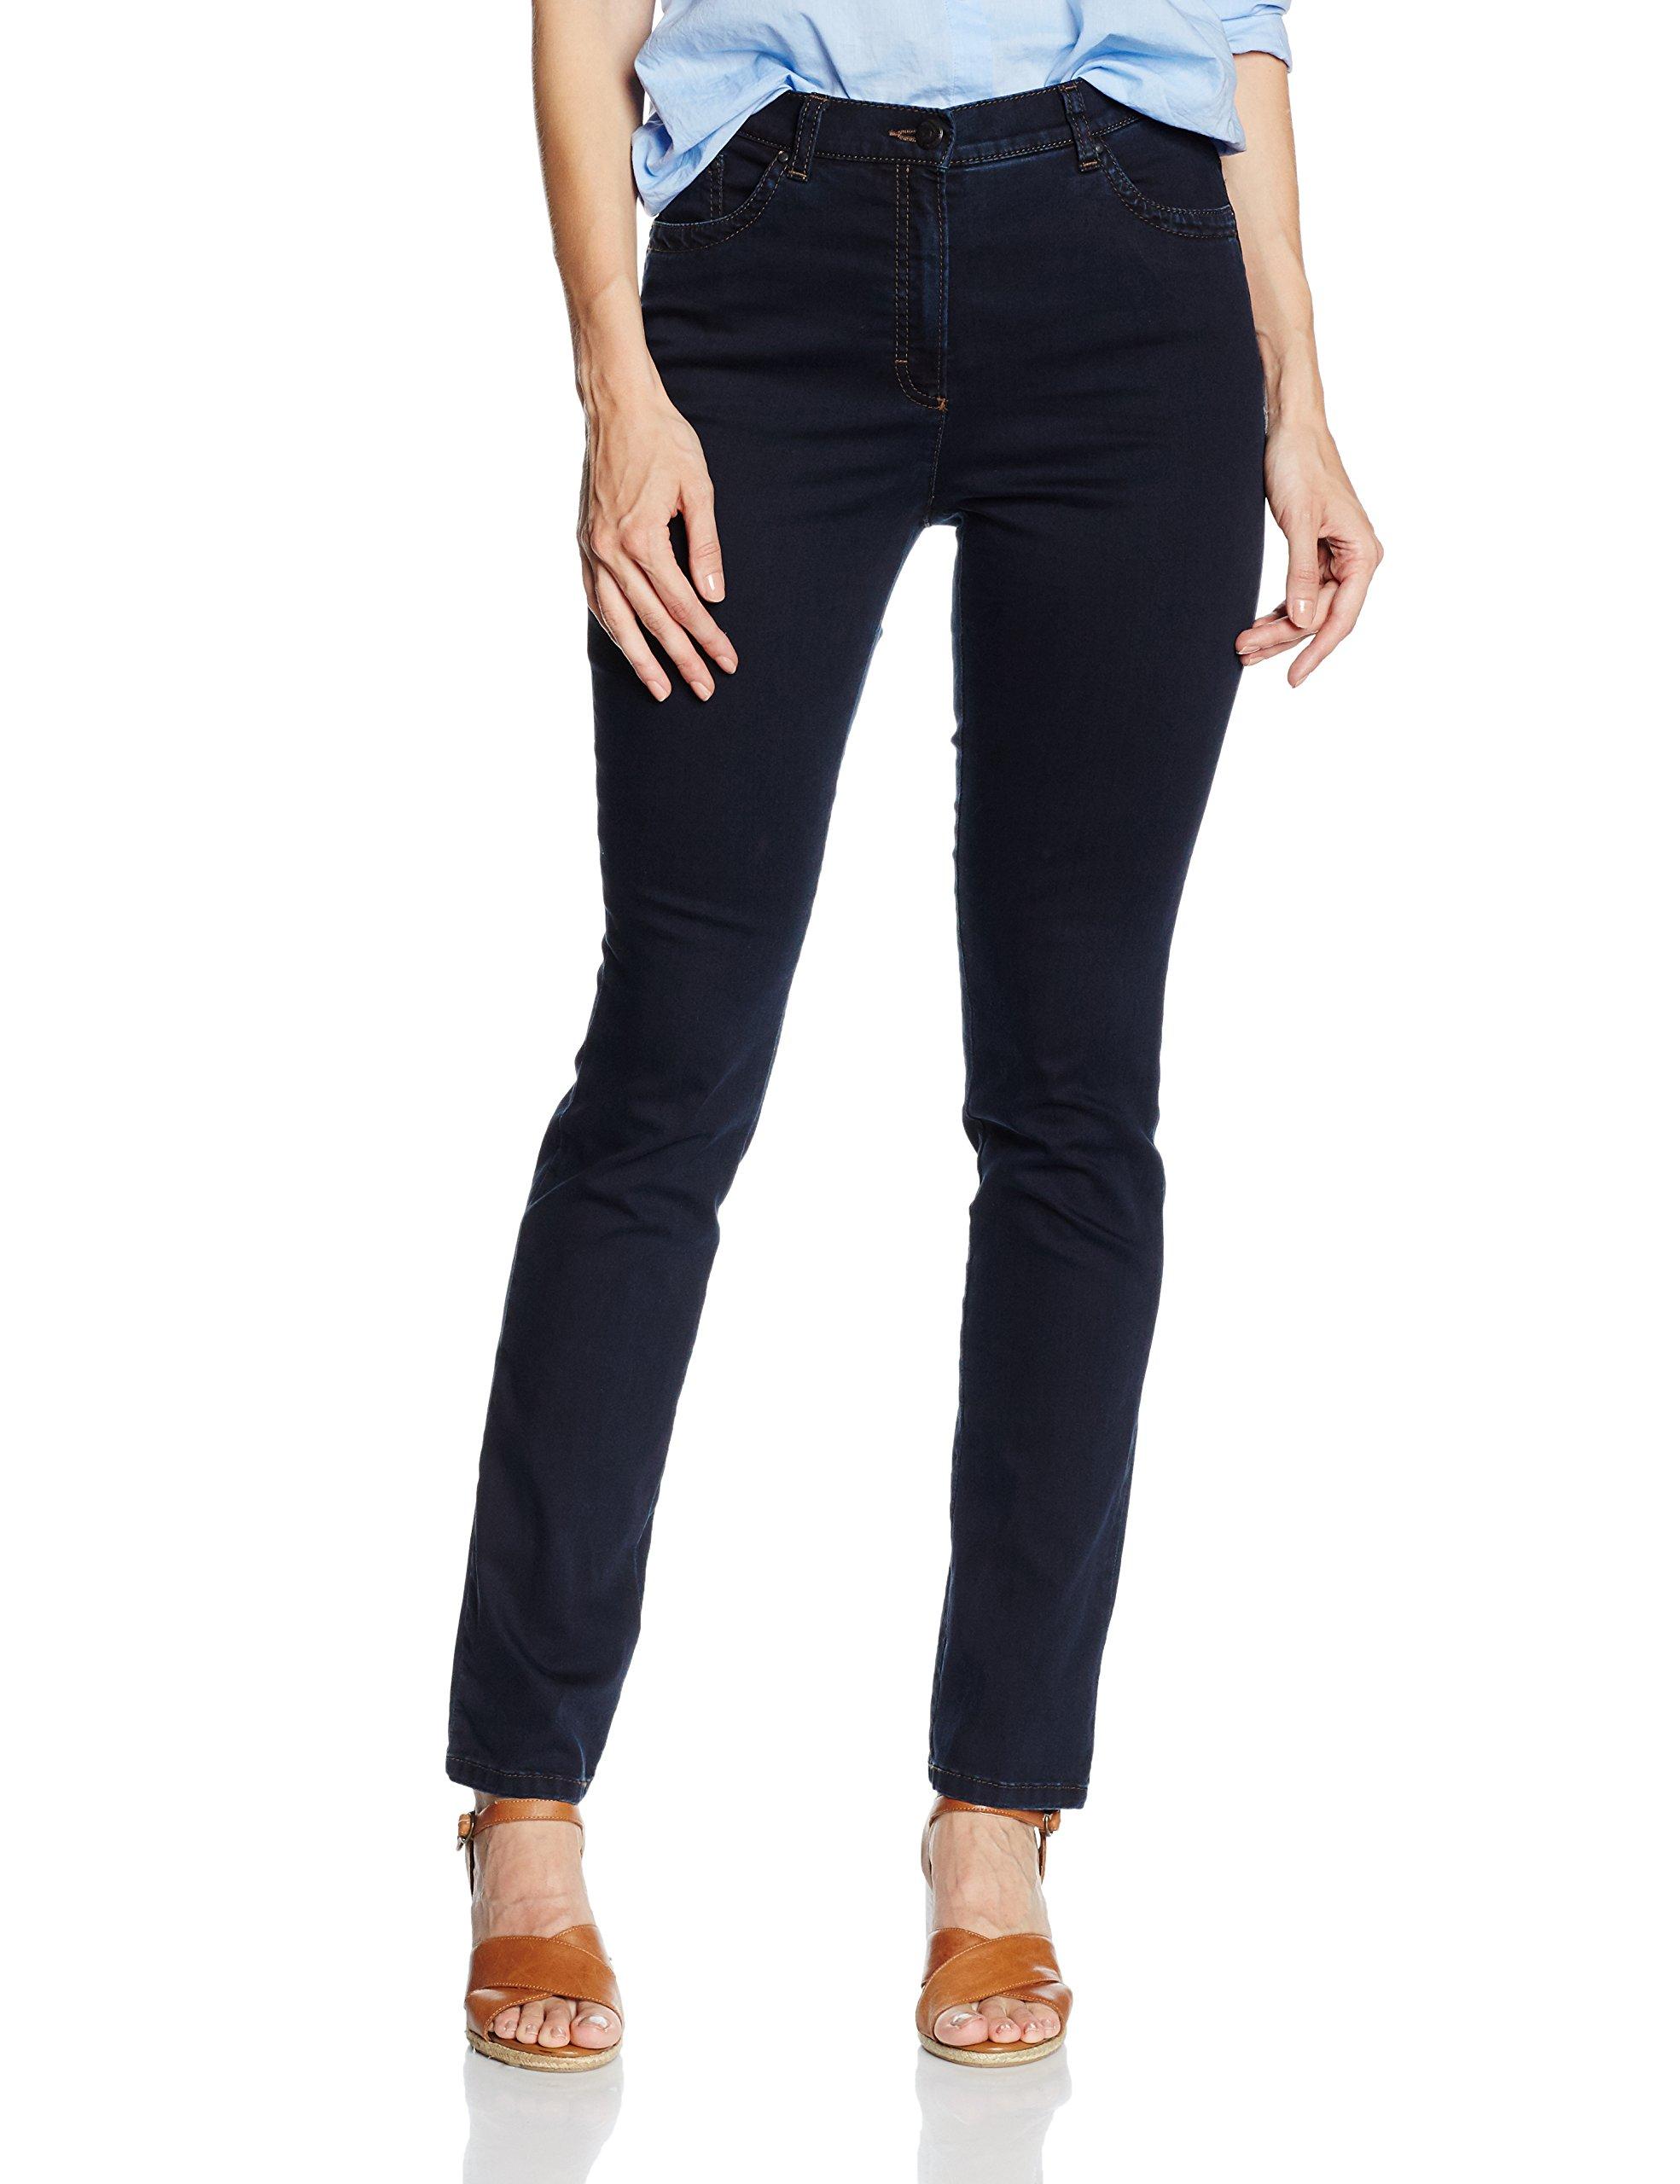 Brax l30taille Skinny 10 Famesuper BlueW32 6220 SlimJeans FemmeBleudark Fabricant42k Ina 4Ajqc5SL3R